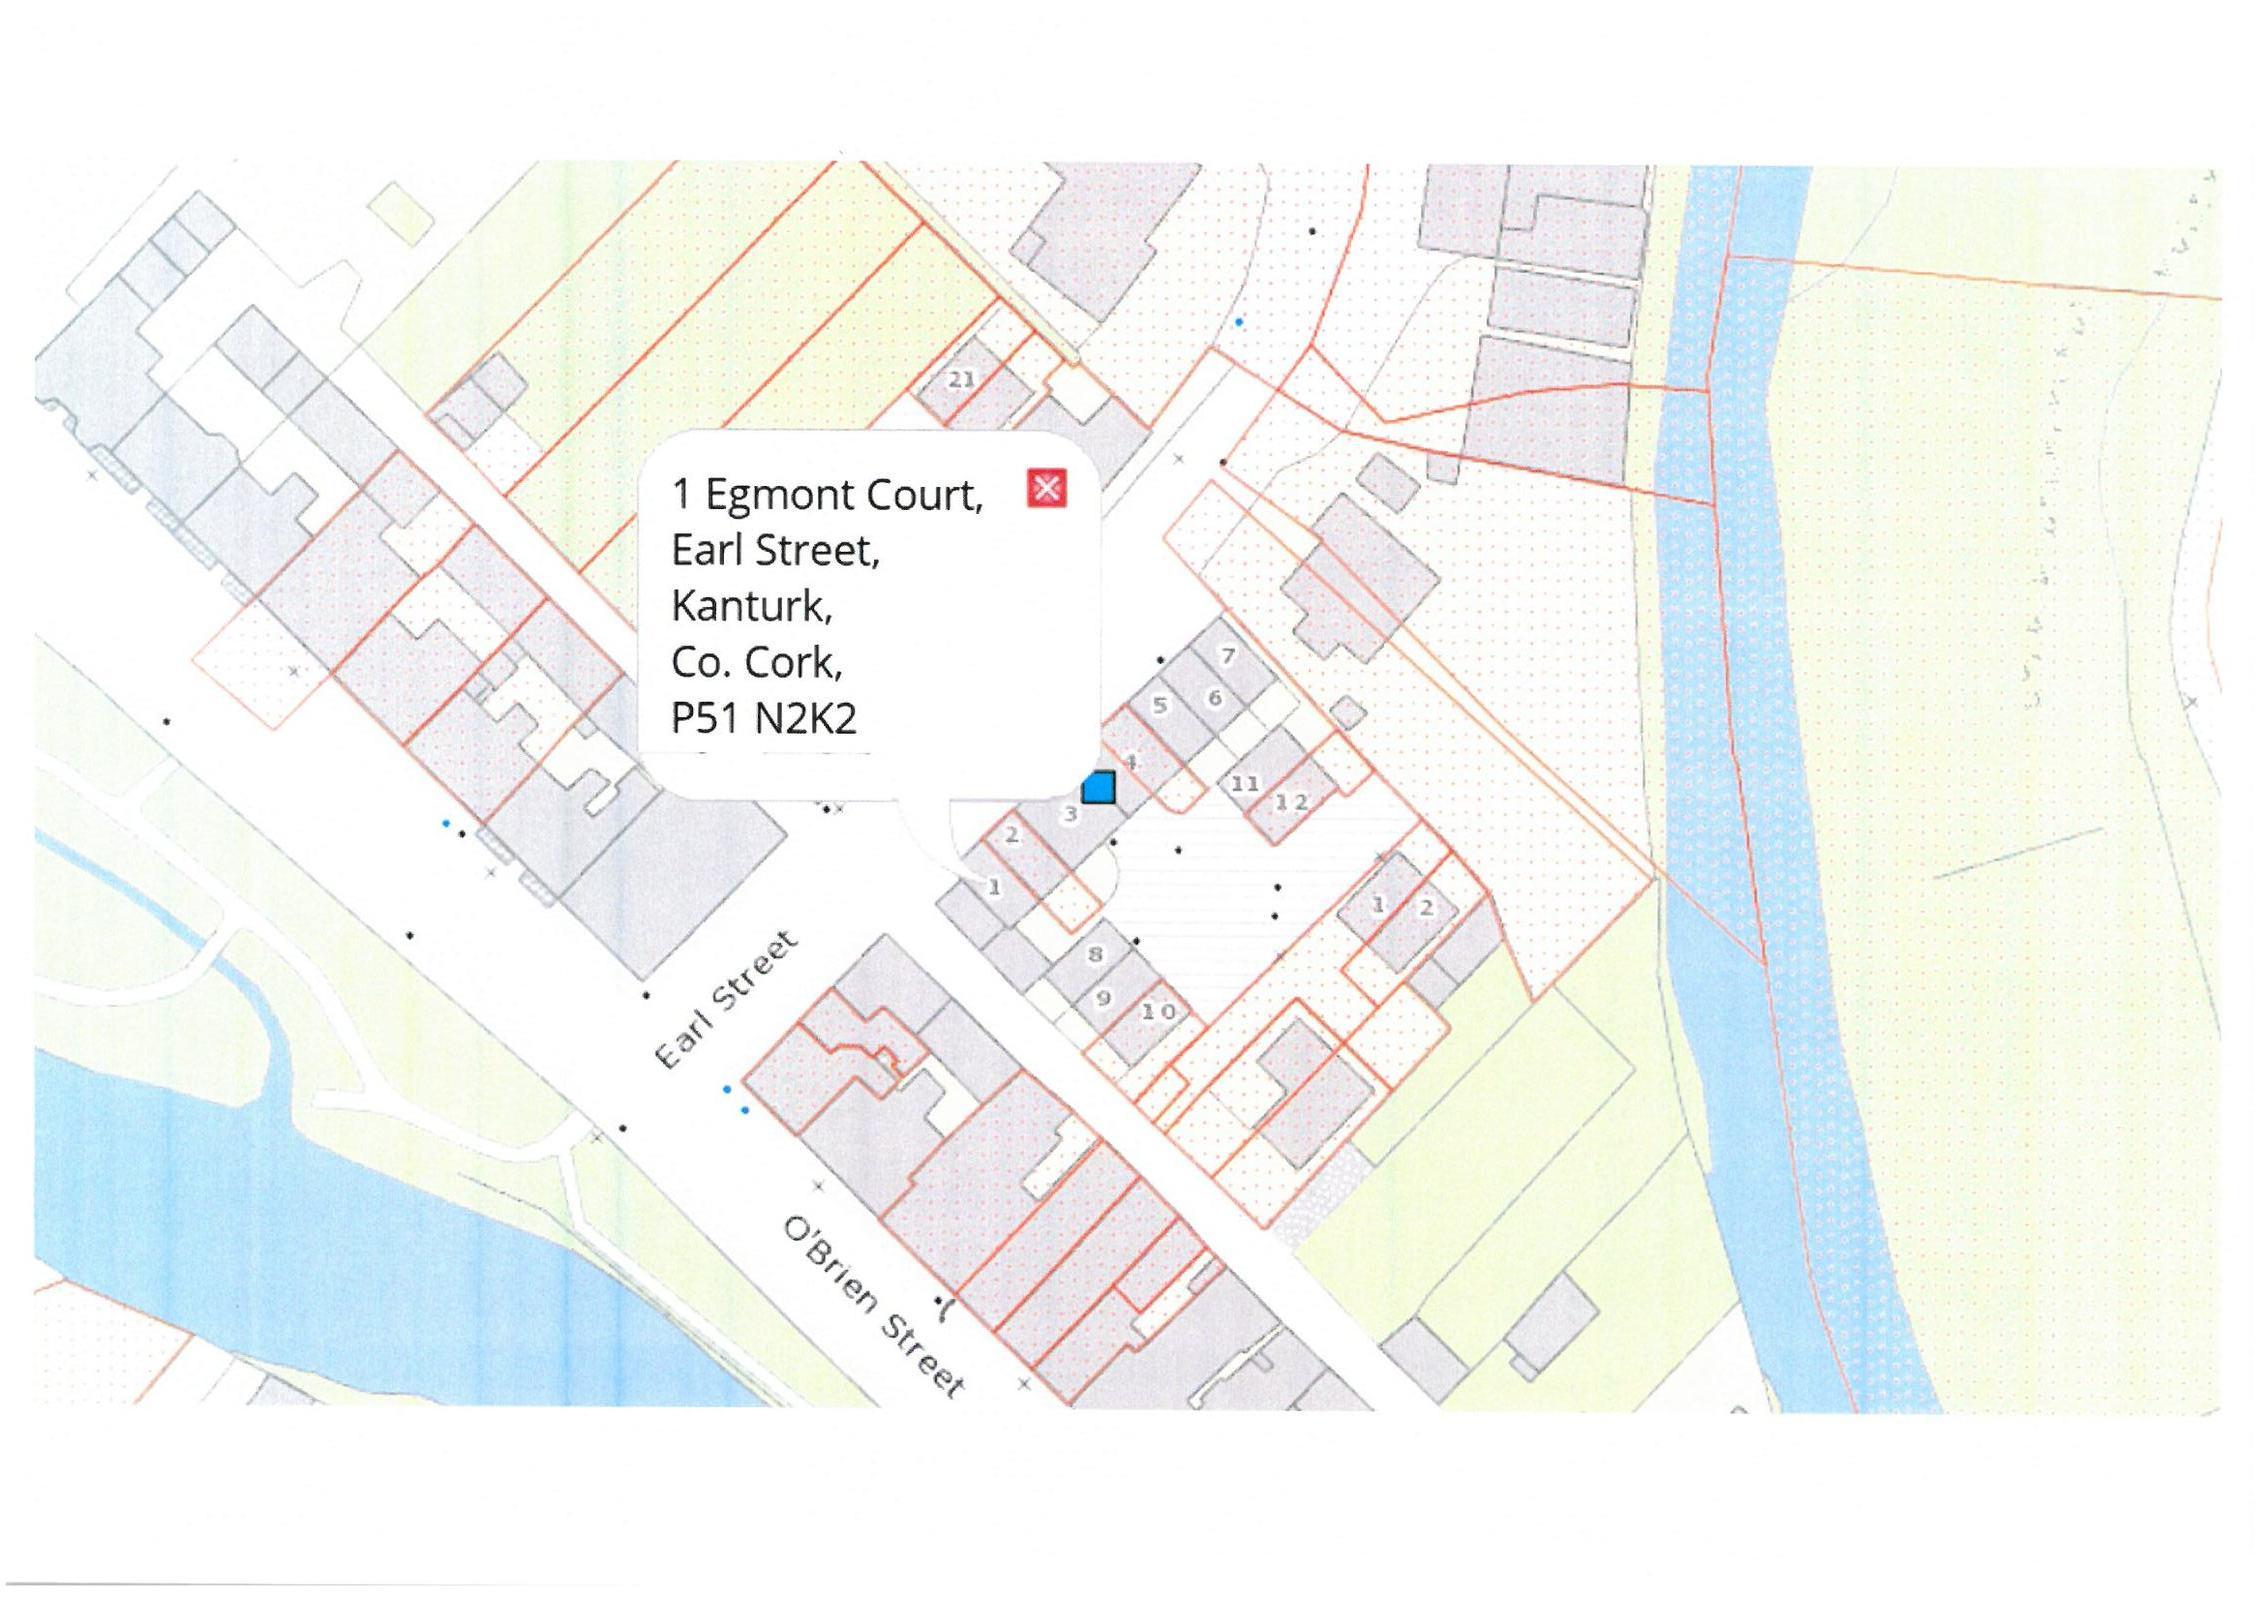 1 Egmont Court, Kanturk, Co. Cork